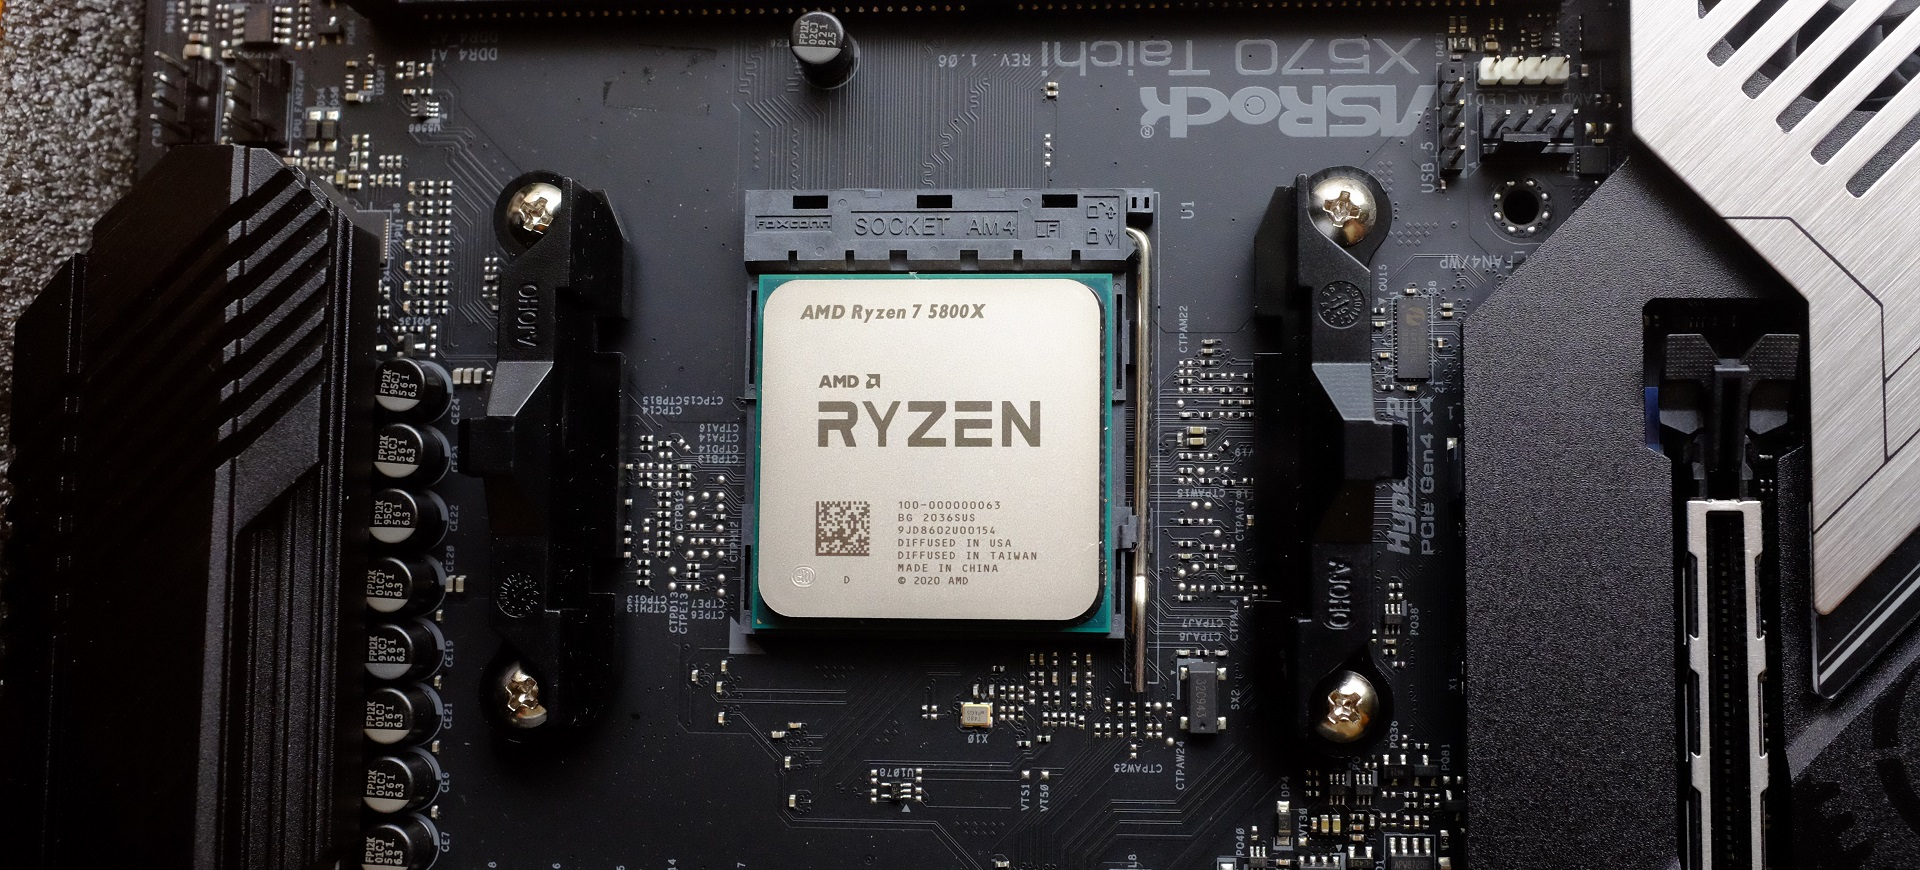 AMD Ryzen 7 5800x - Đánh Giá Gaming Gear